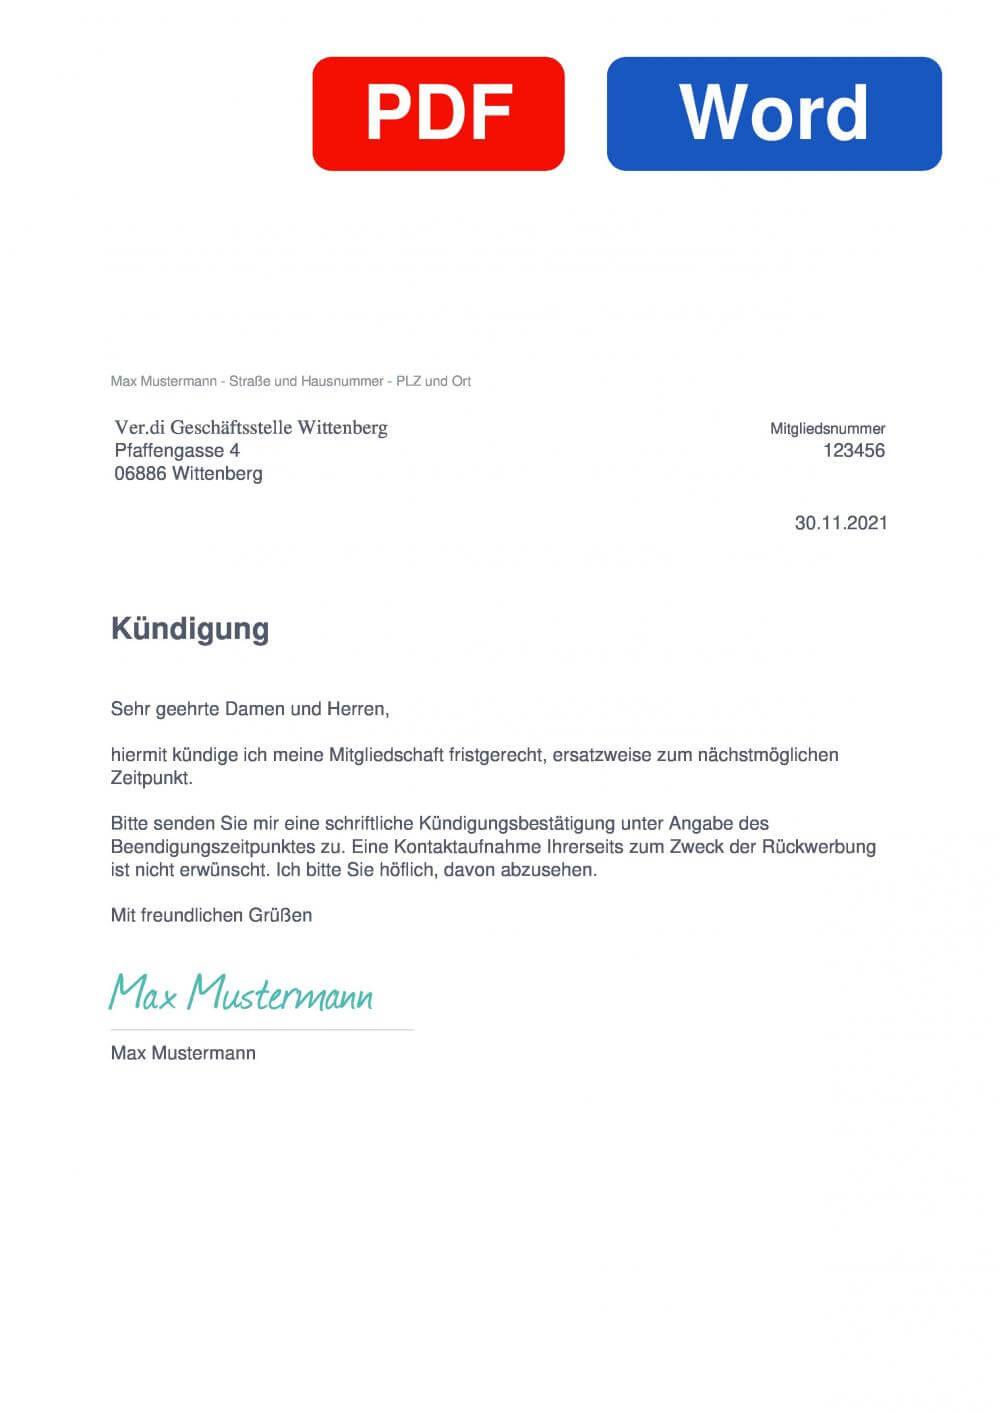 Verdi Wittenberg Muster Vorlage für Kündigungsschreiben